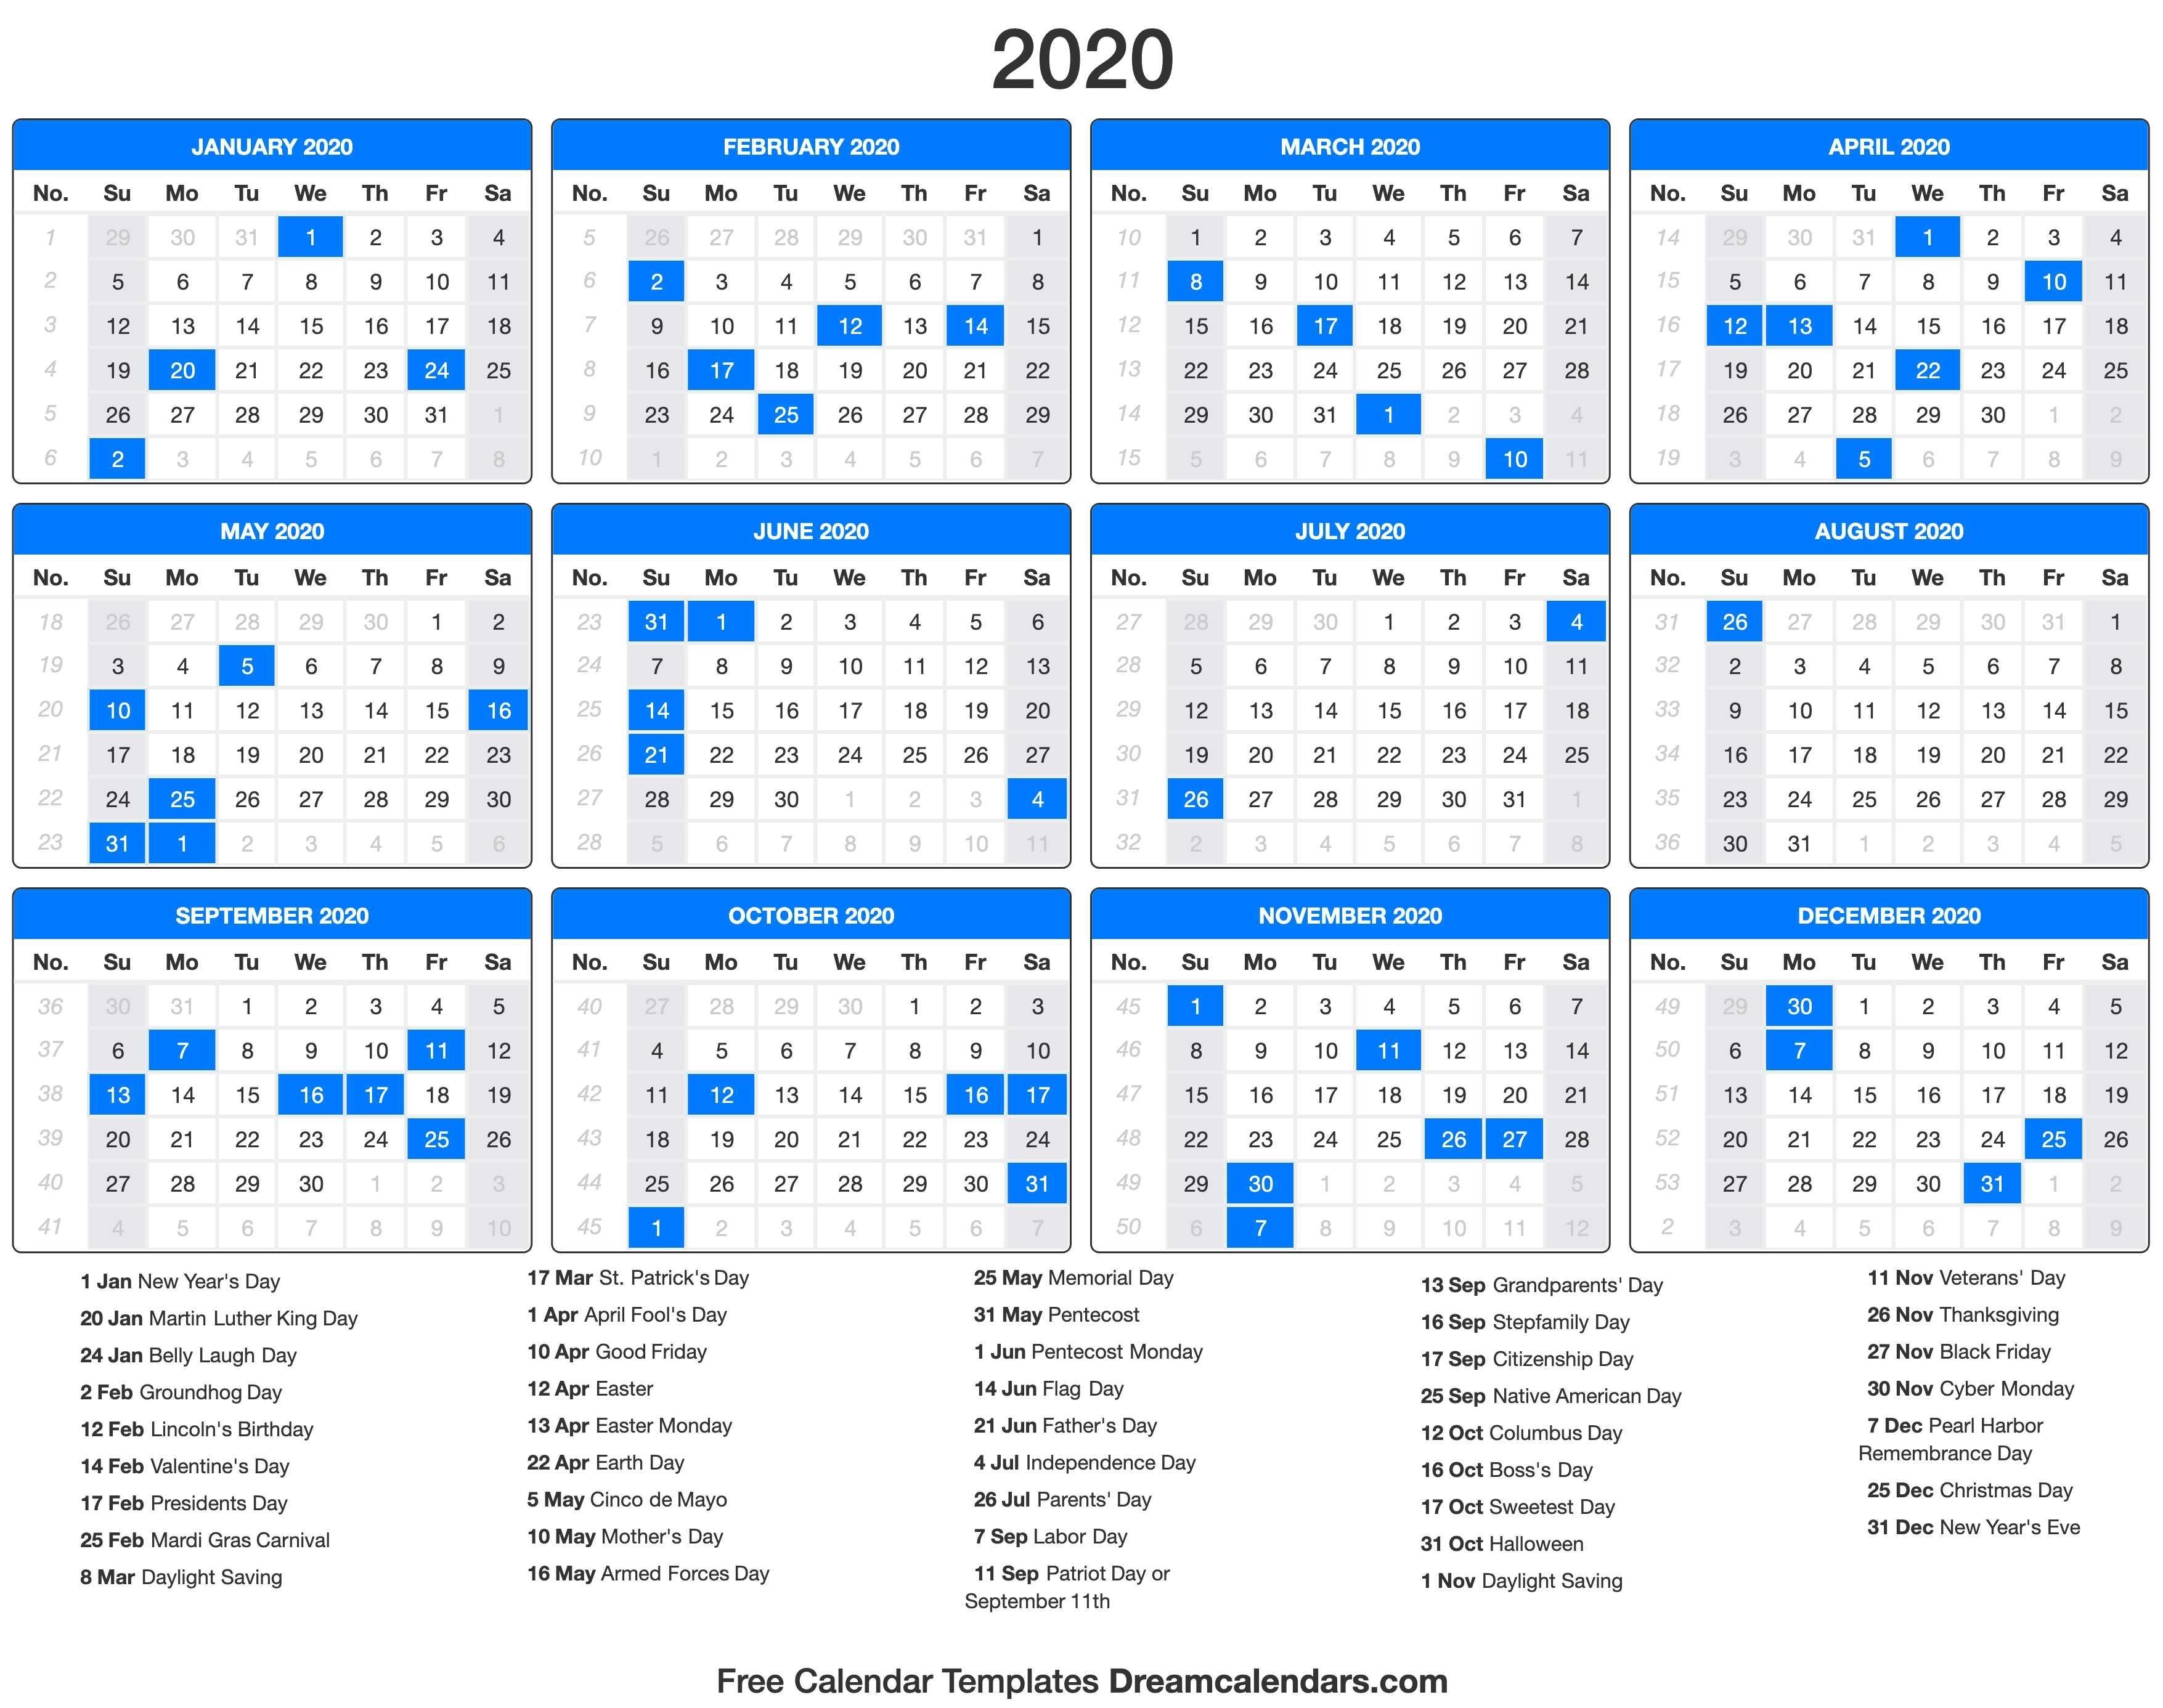 Printable 2020 Calendar - Dream Calendars-2020 Calendar With Holidays